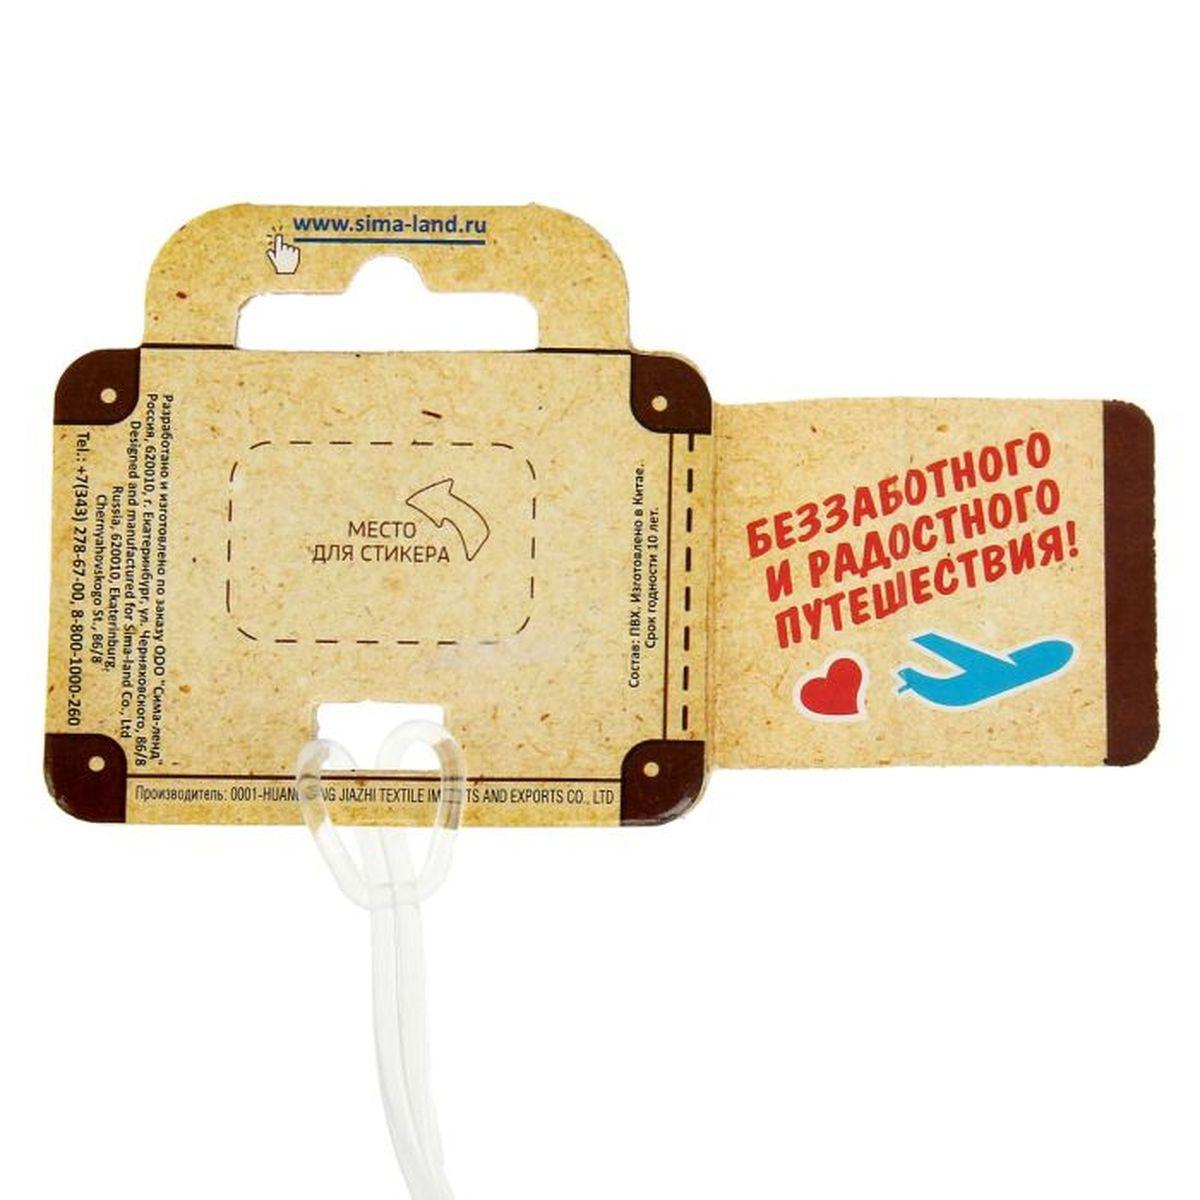 """Бирка на чемодан Sima-land """"Талон в дьюти фри"""", 6,5 х 11 см. 1156271"""